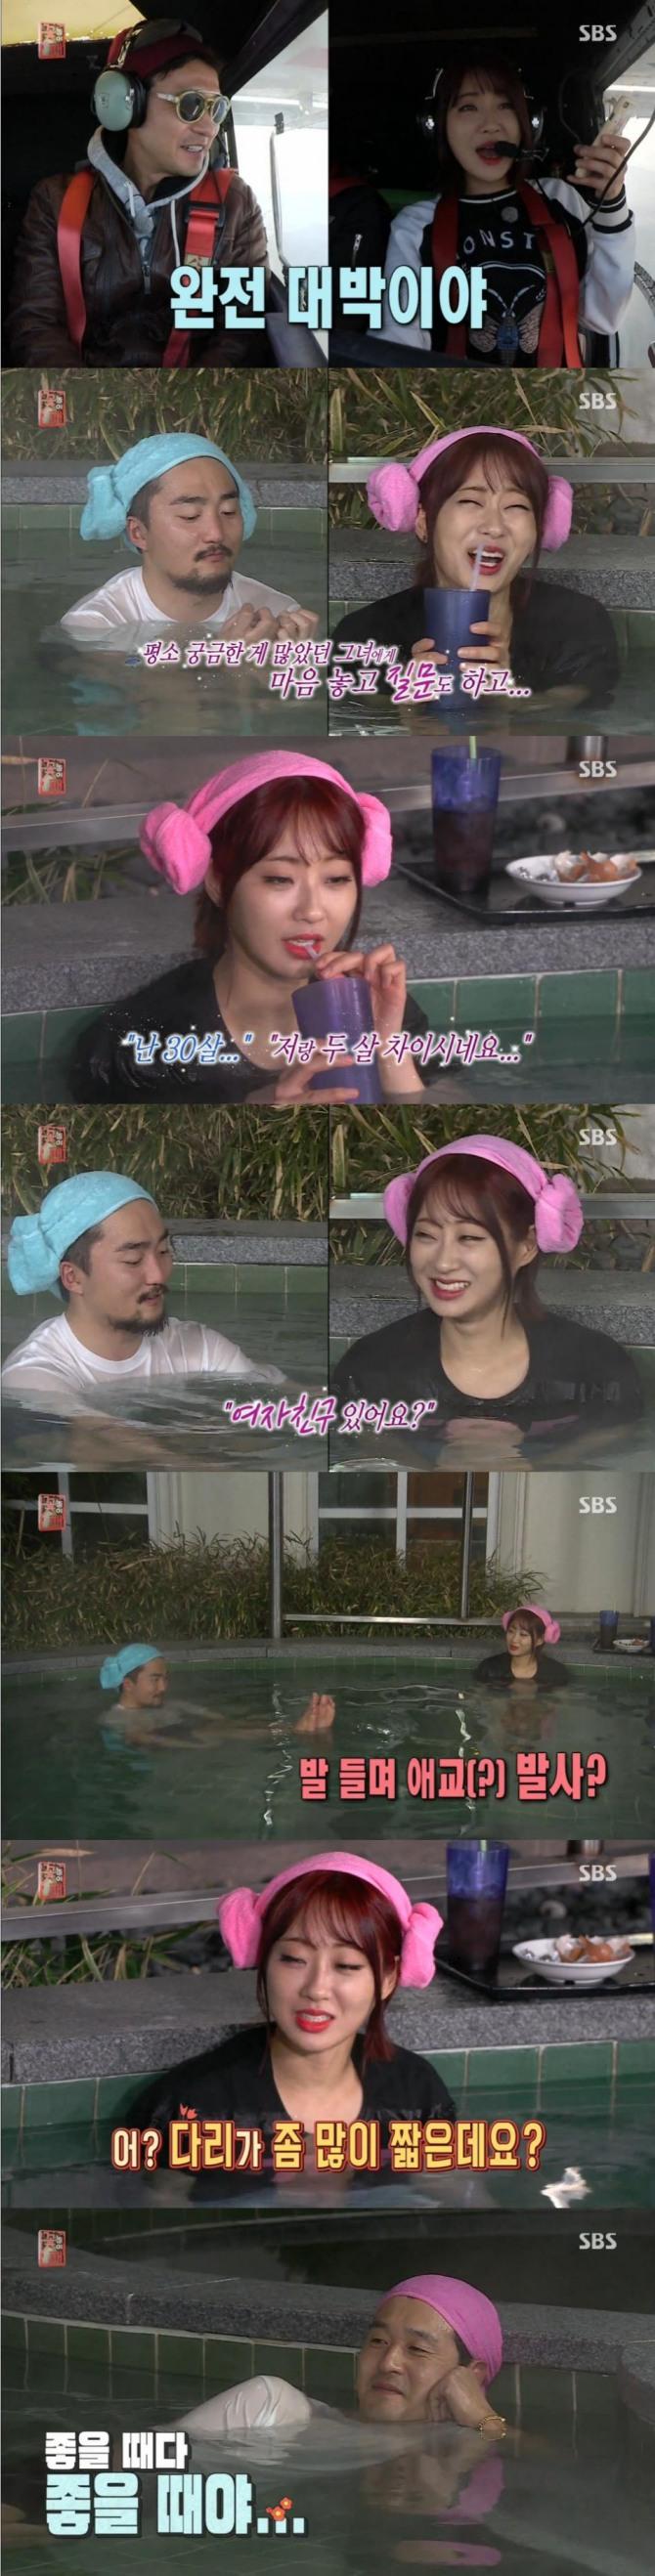 12일 방송된 SBS '꽃놀이패'에서는 나인뮤지스의 경리가 게스트로 출연해 예능감을 뽐냈다./사진=SBS 방송 캡처